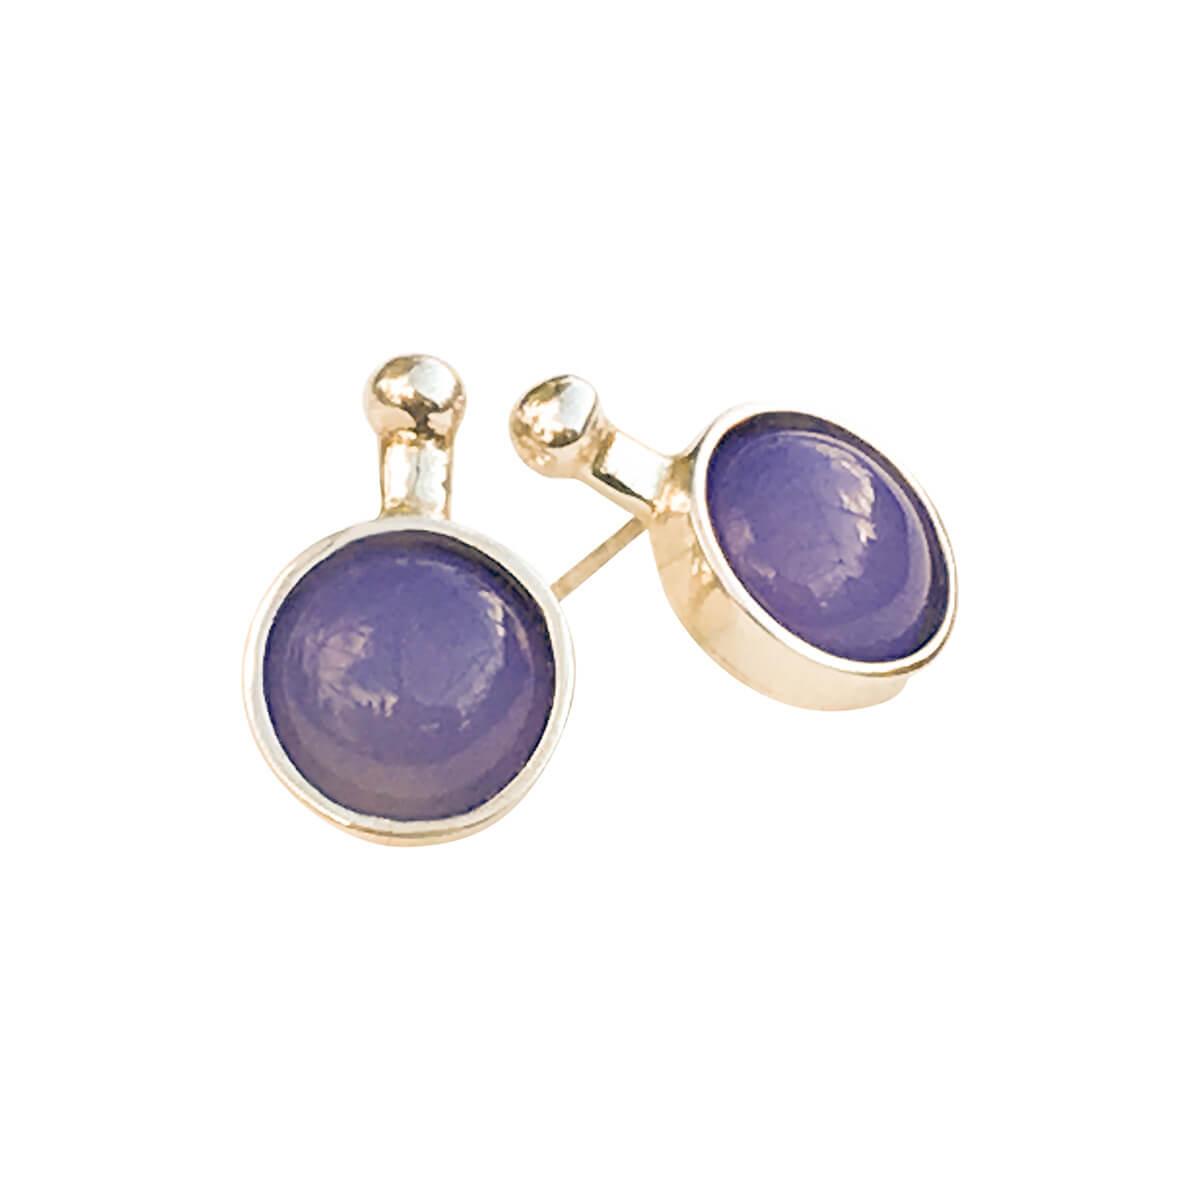 Pernille Müller - SVEJ ørering i sterling sølv med smykkesten i Lavendelfarvet Agat. SVEJ earrings in sterling silver